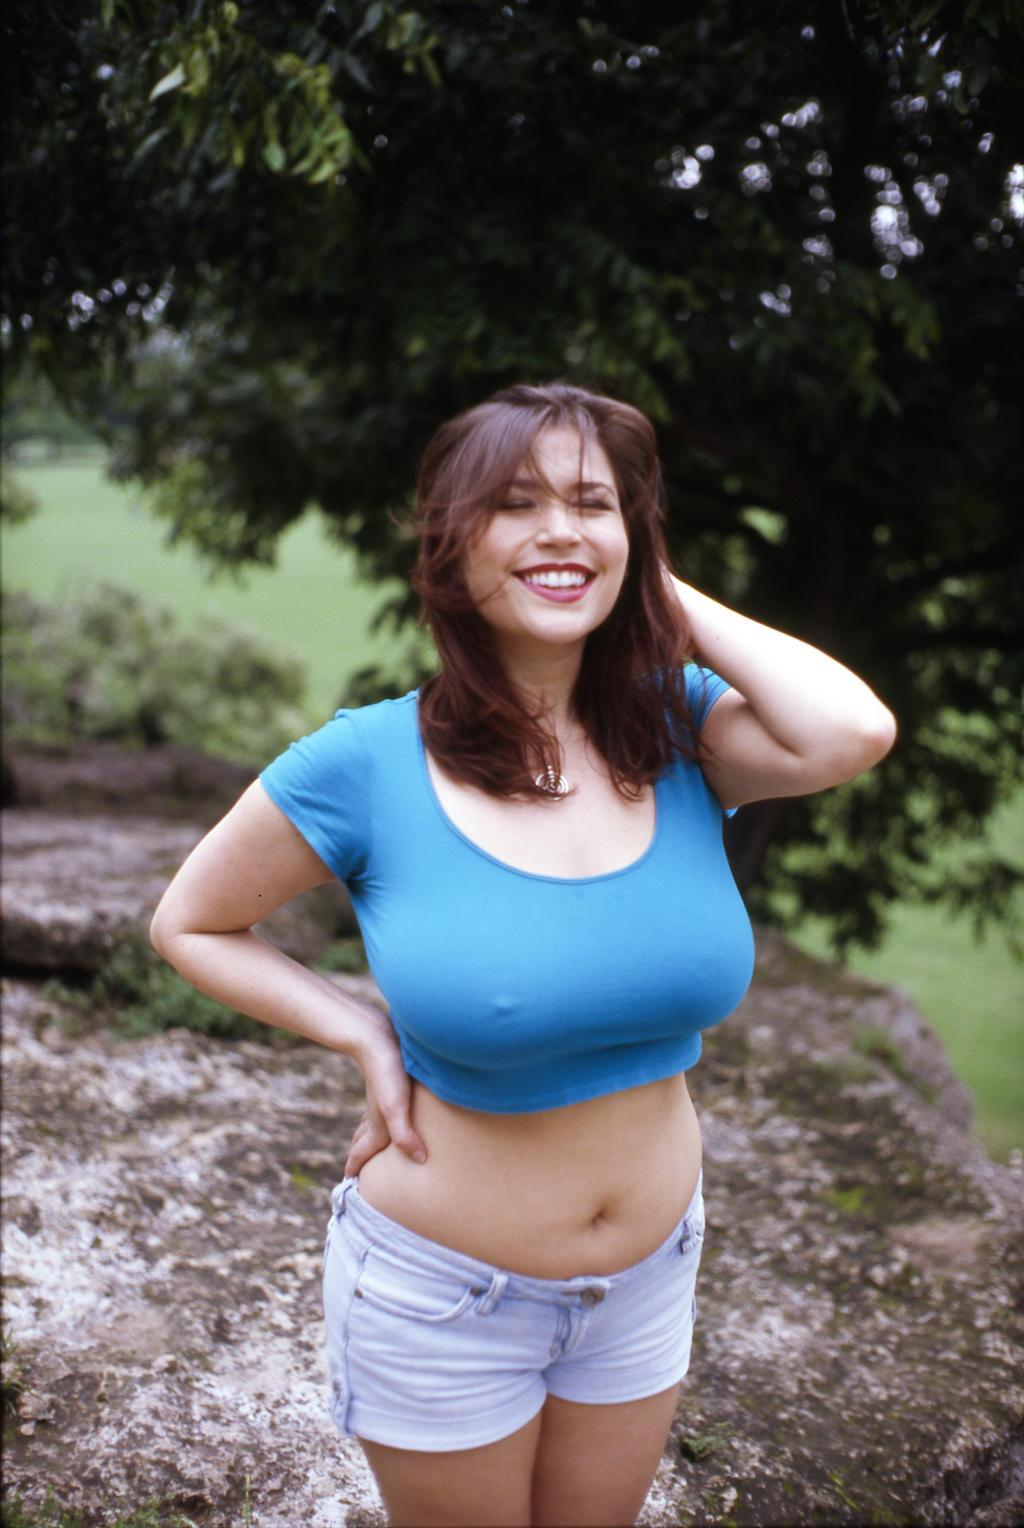 Bbw Huge Tits Videos